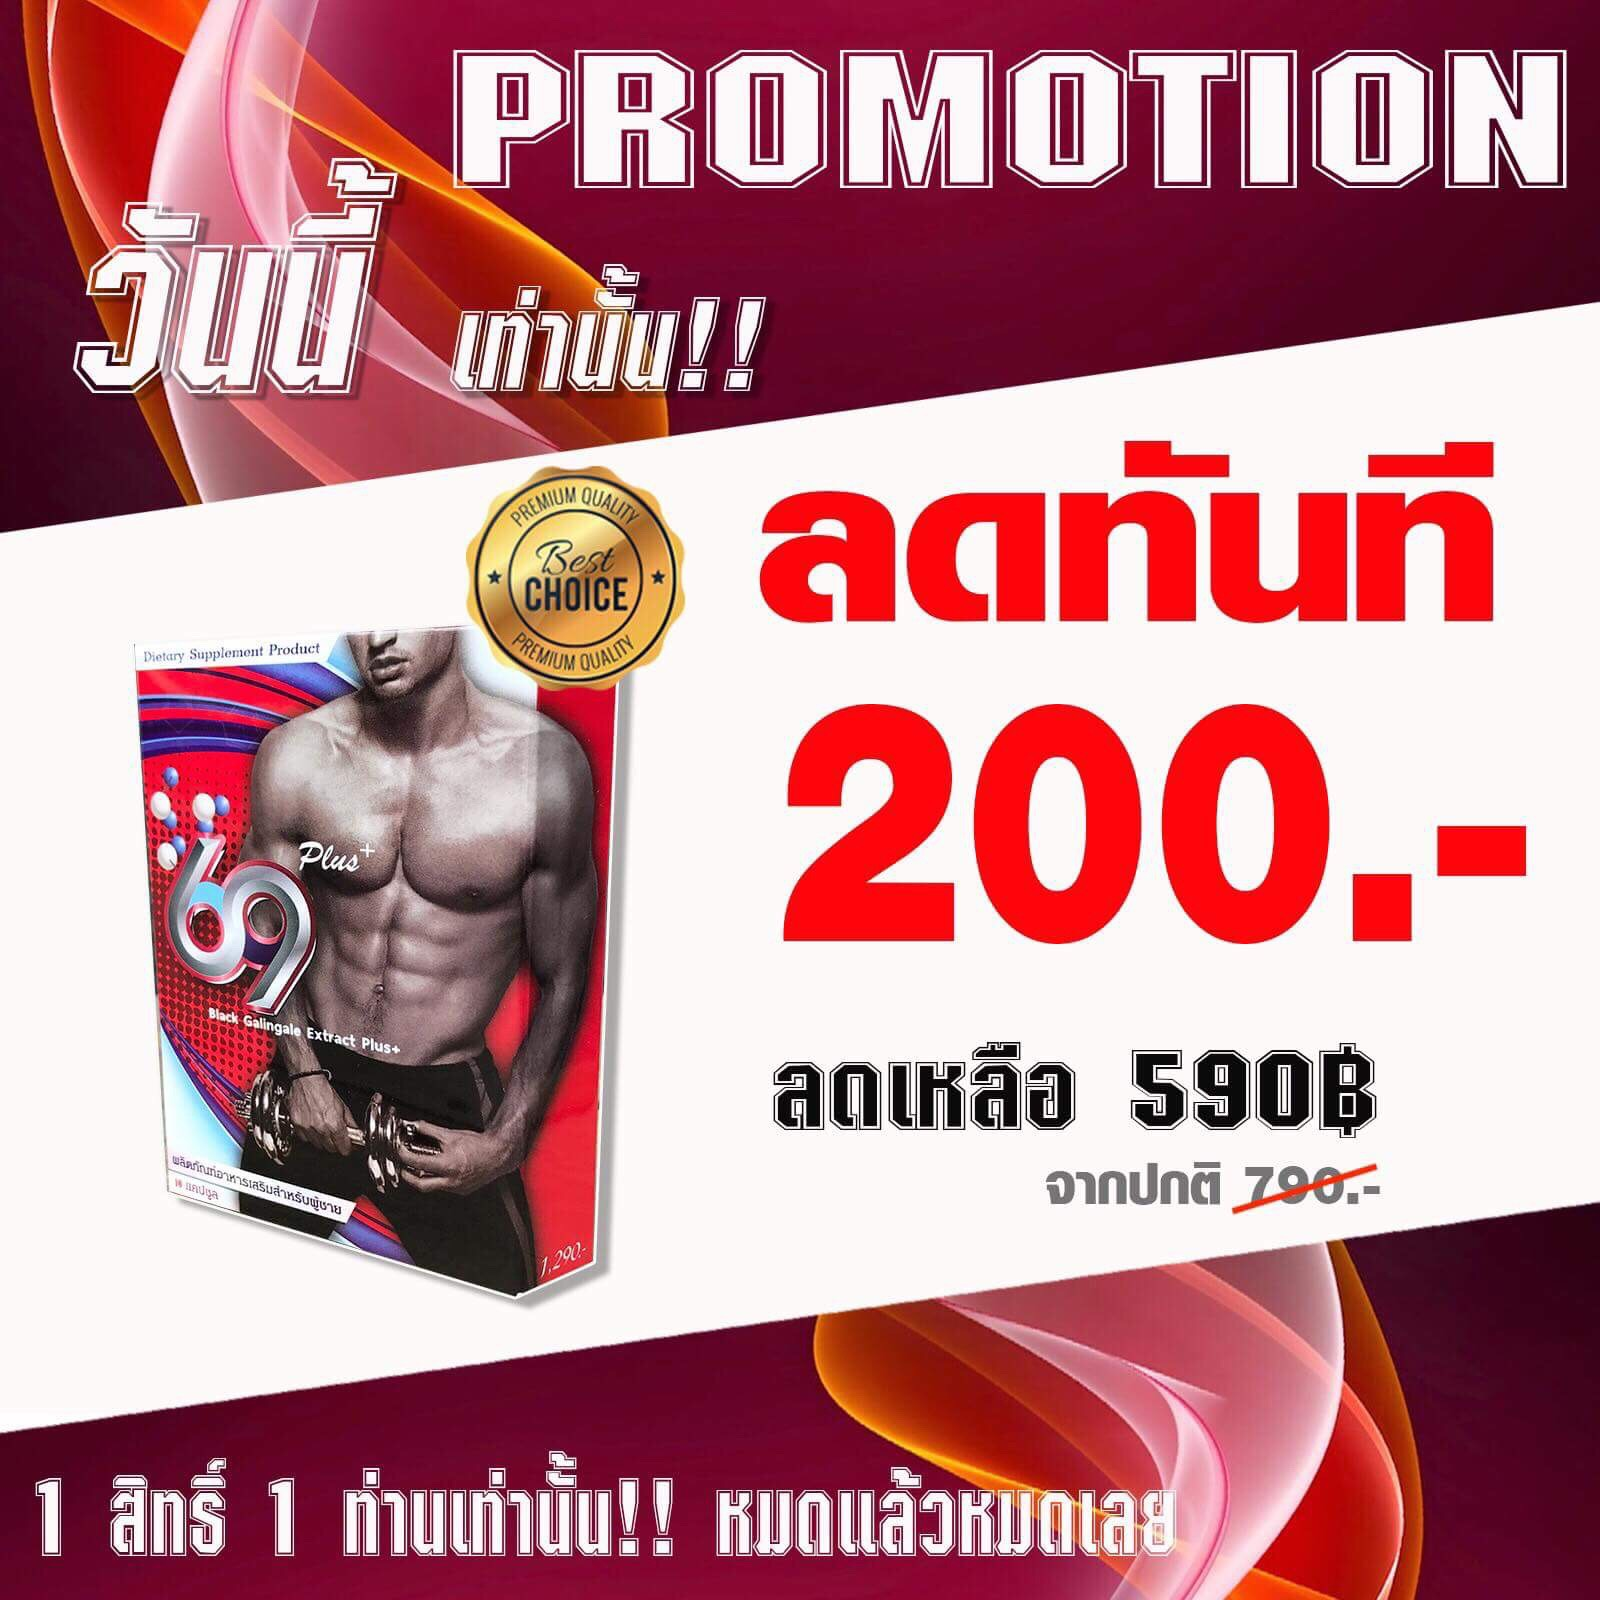 ยาทน 69 โปรโมชั่น ลดราคา สำหรับลูกค้าที่เพิ่มเพื่อน Line